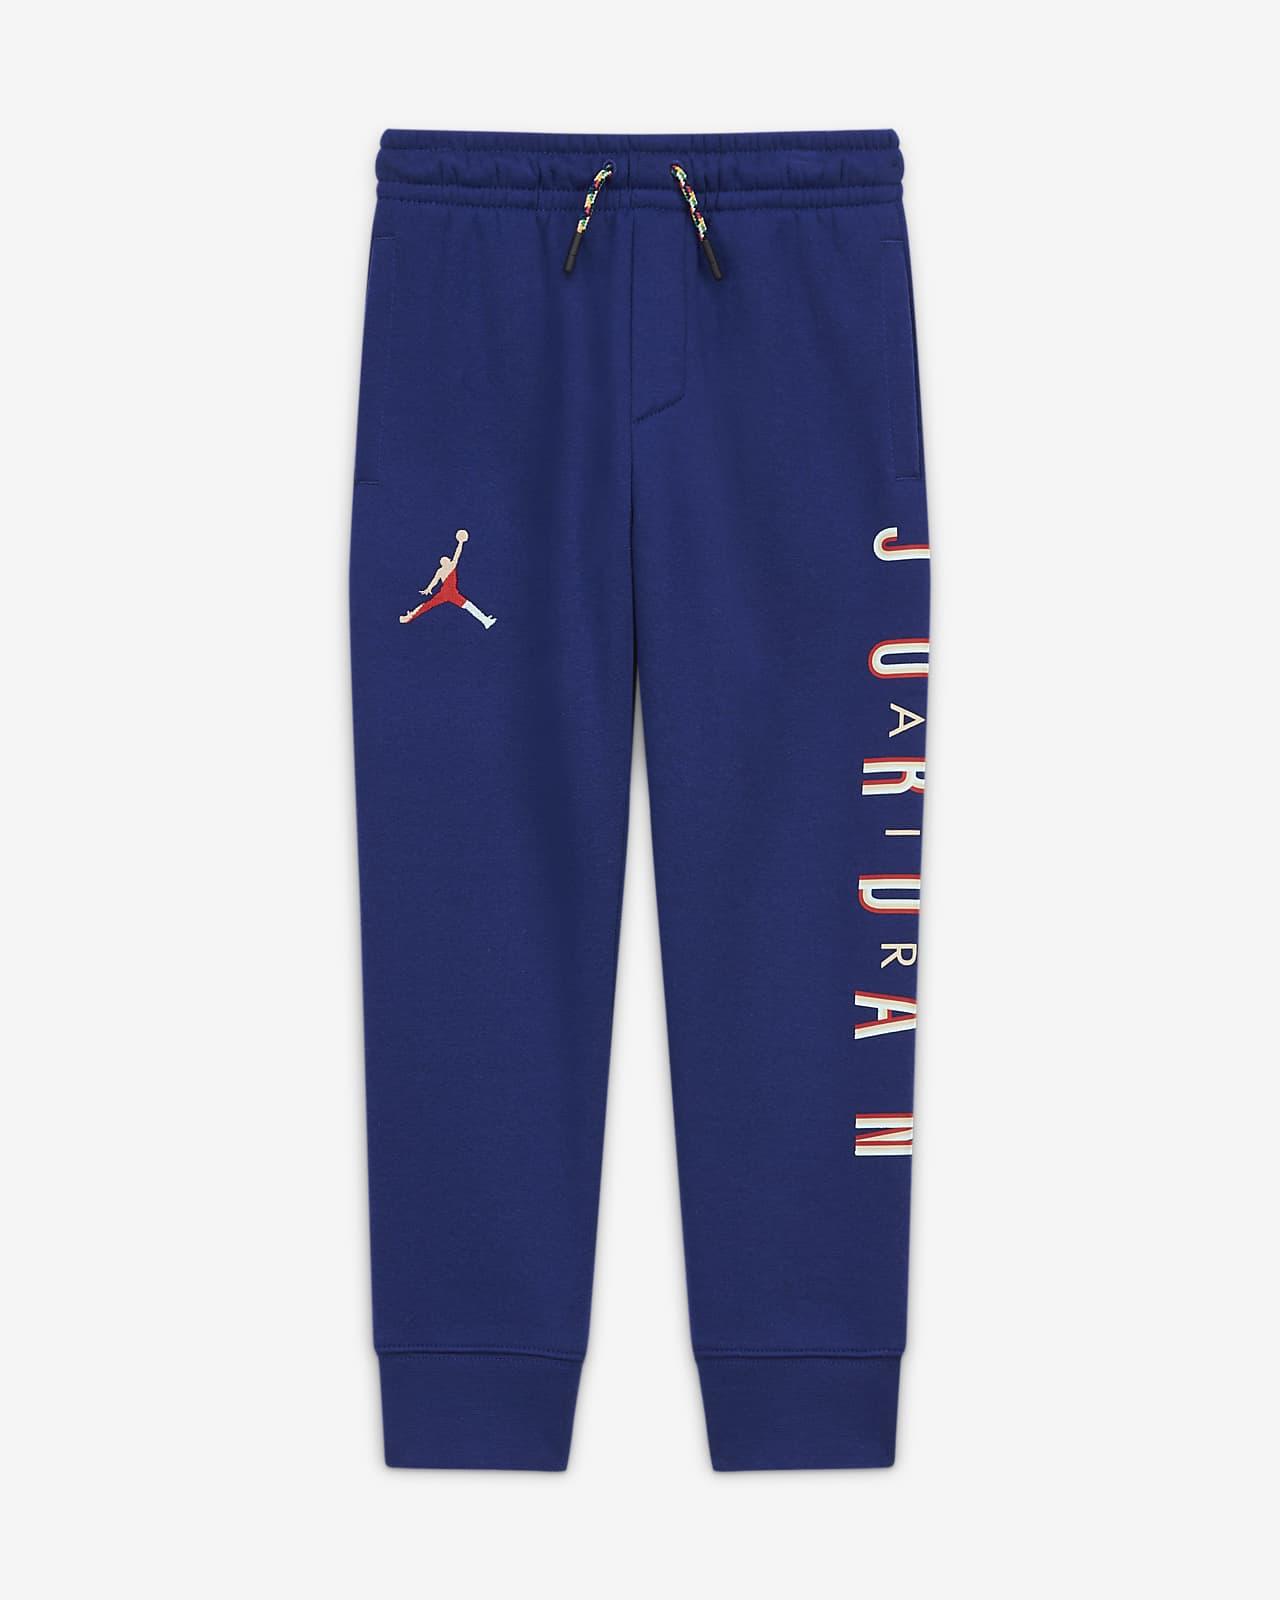 Jordan Little Kids' Pants. Nike.com